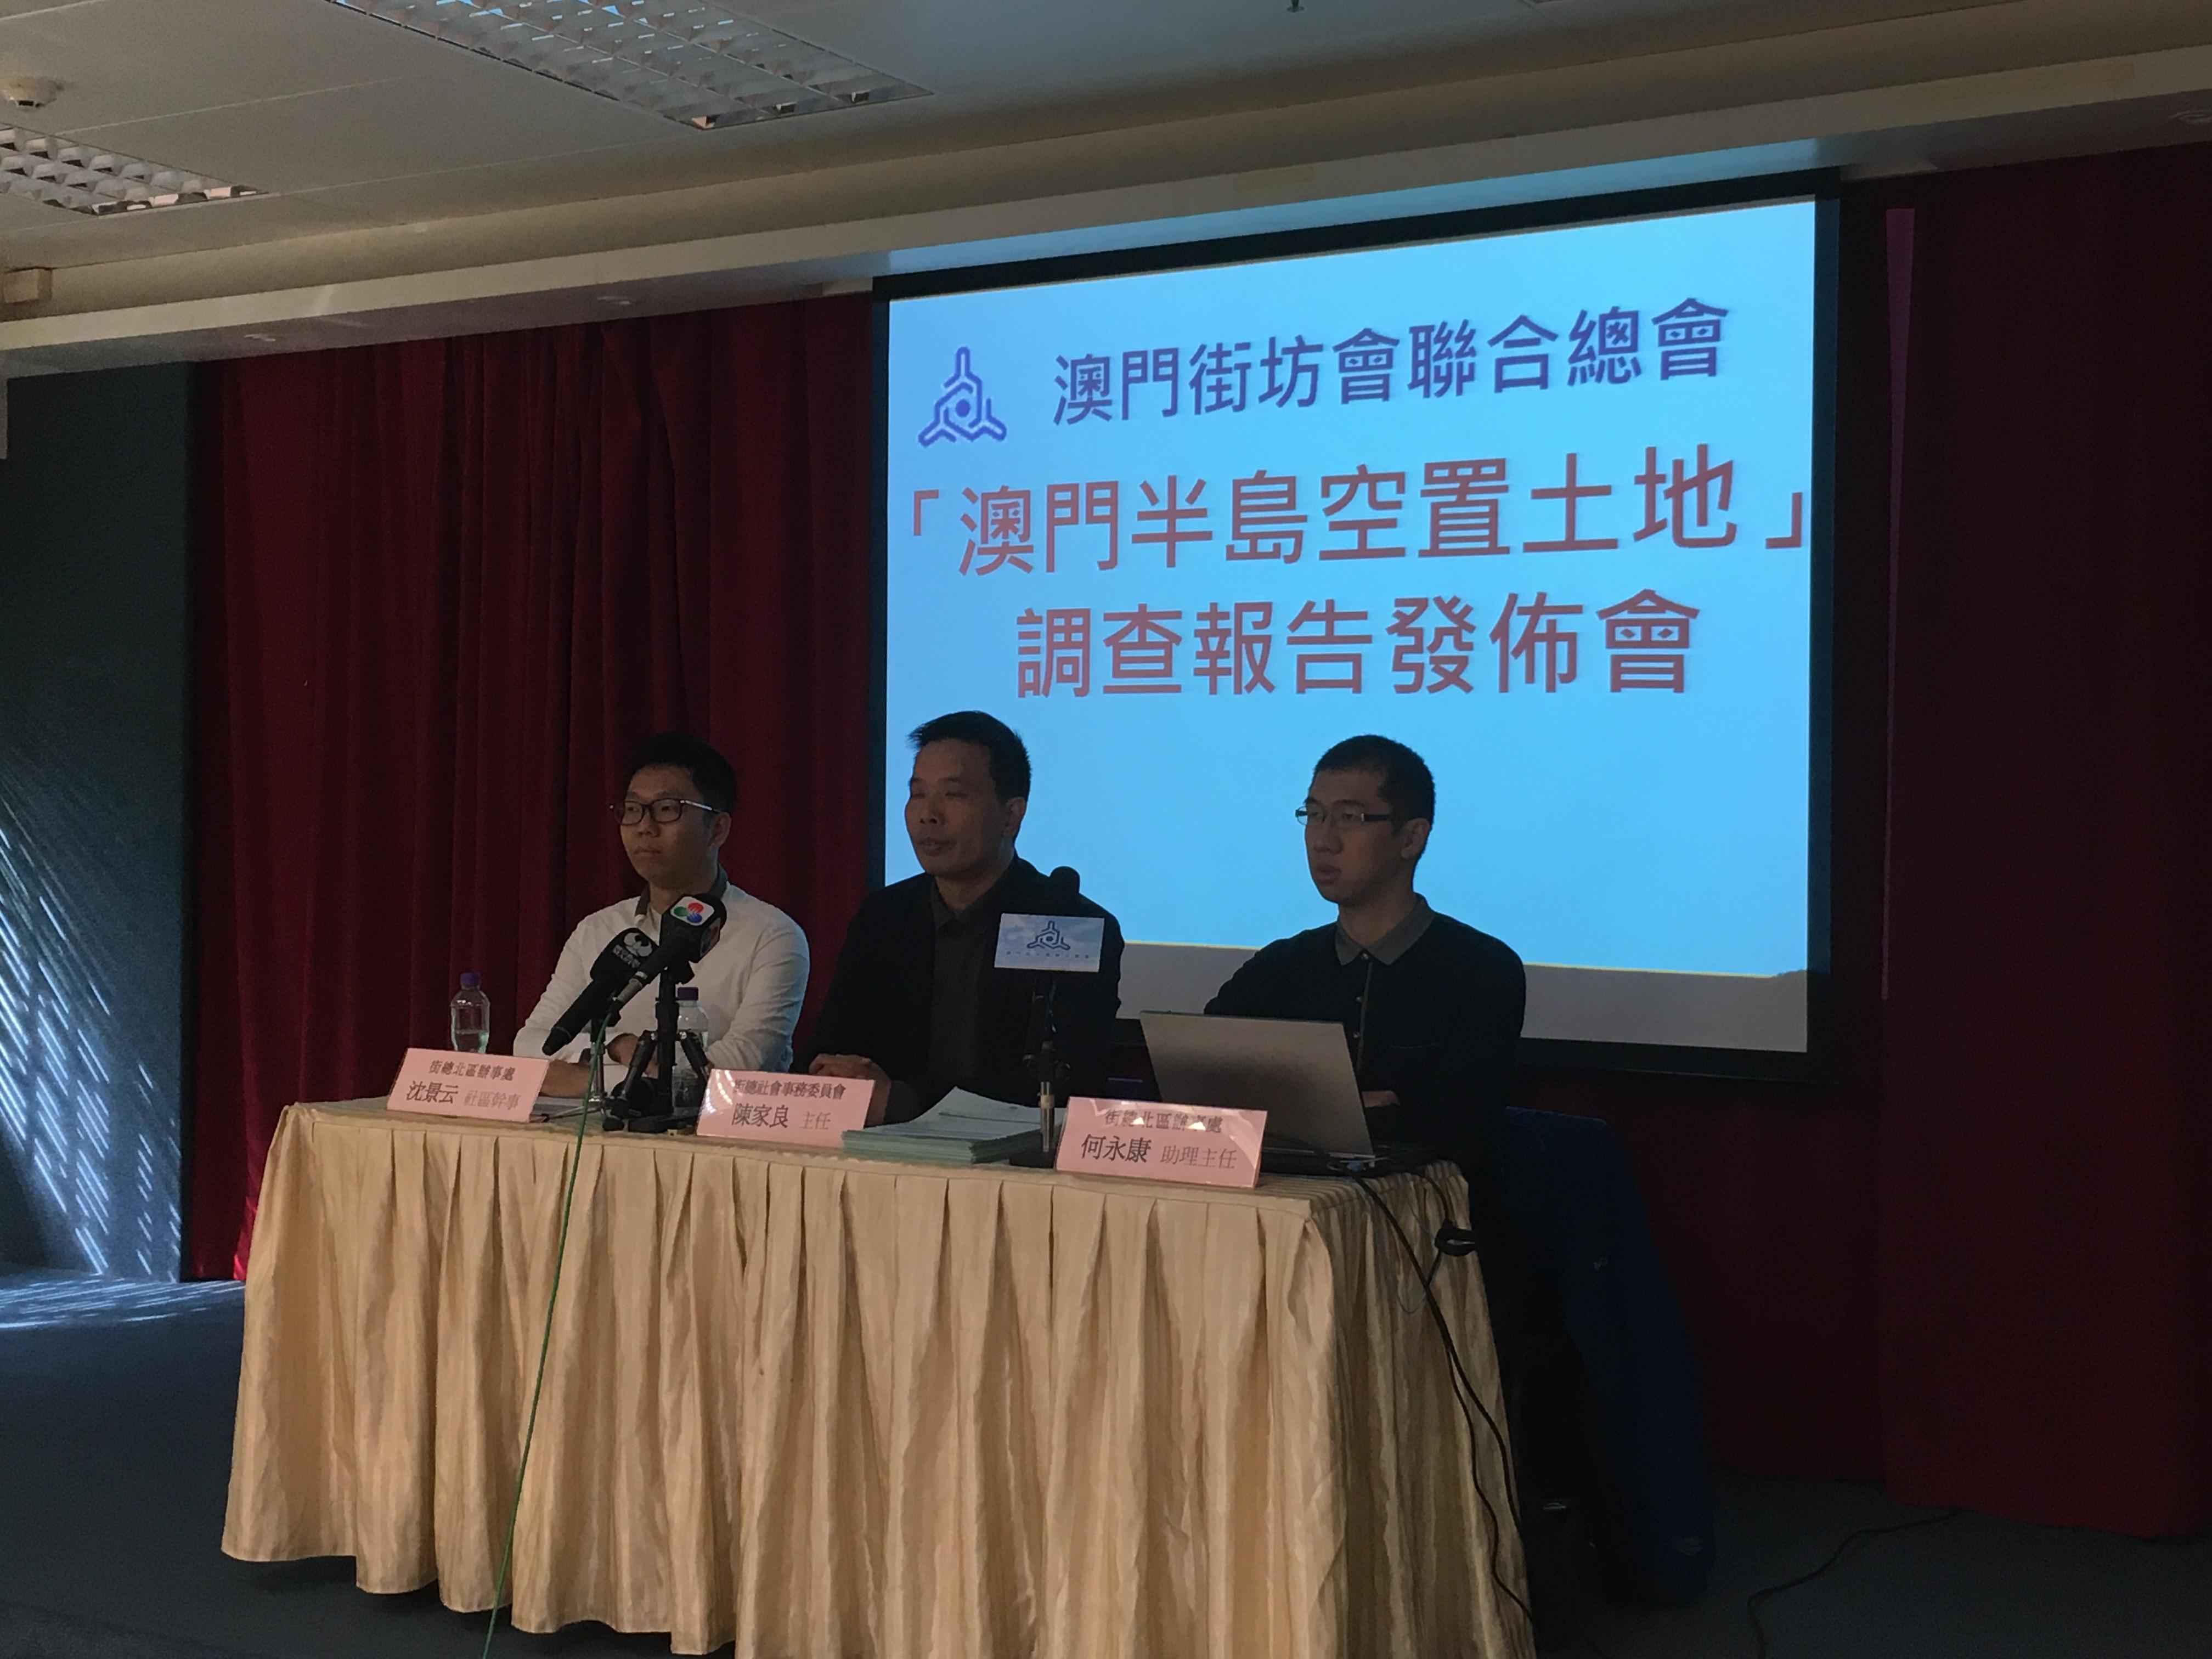 Estudo dos Kaifong revela quase 400 terrenos por desenvolver